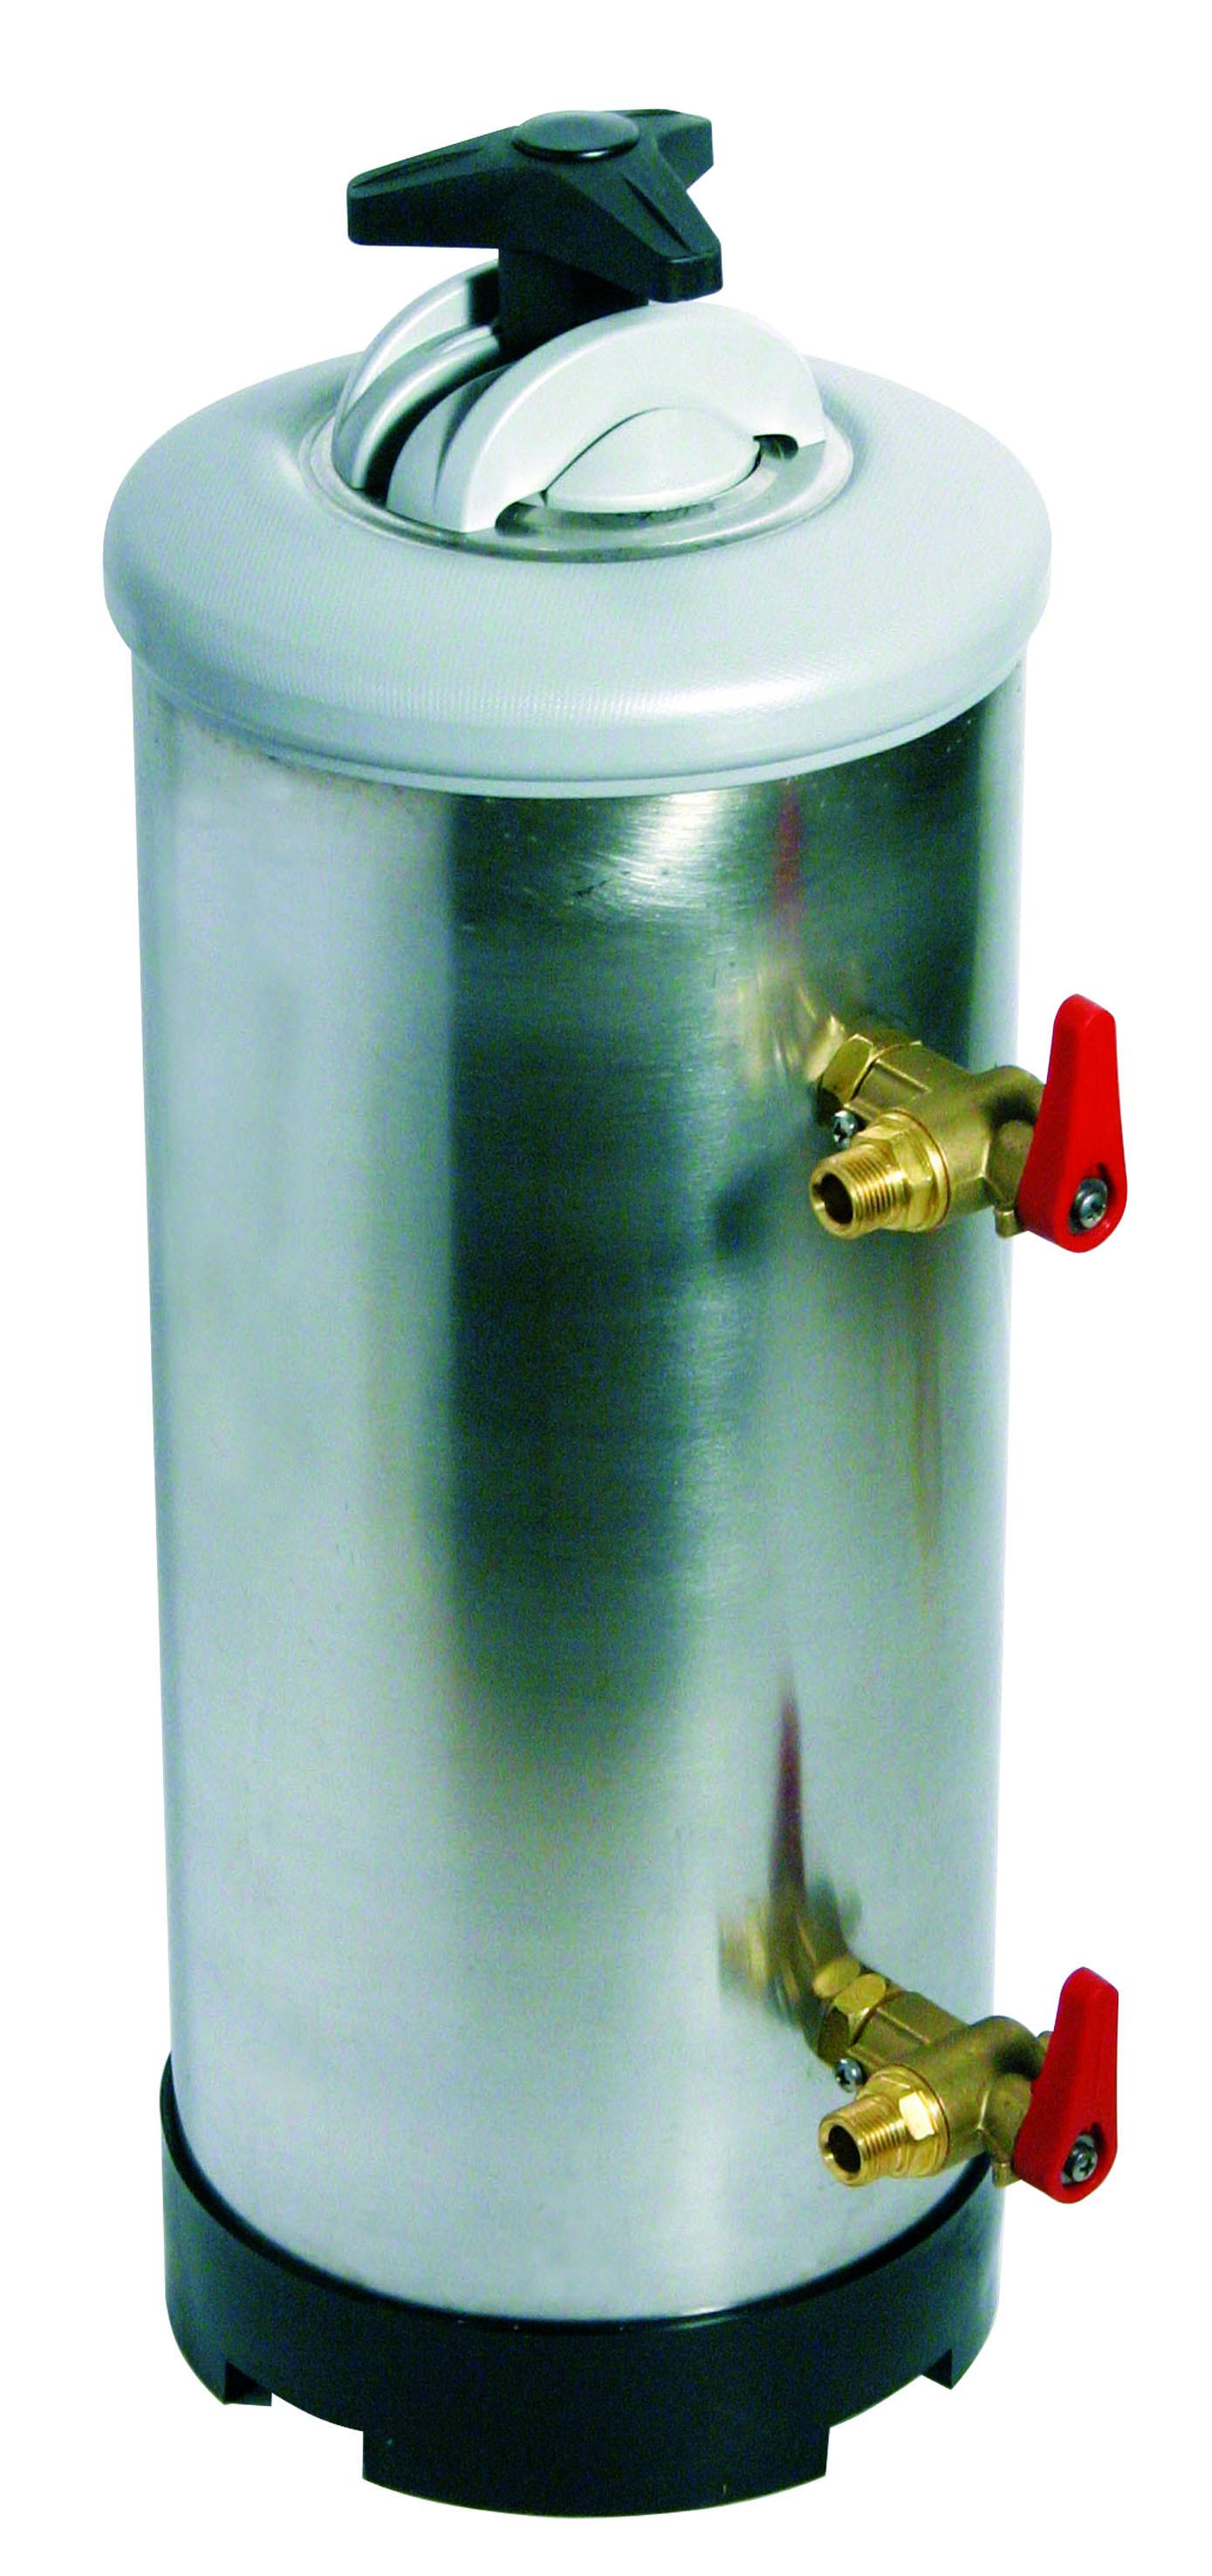 Změkčovač vody LT 12 REDFOX